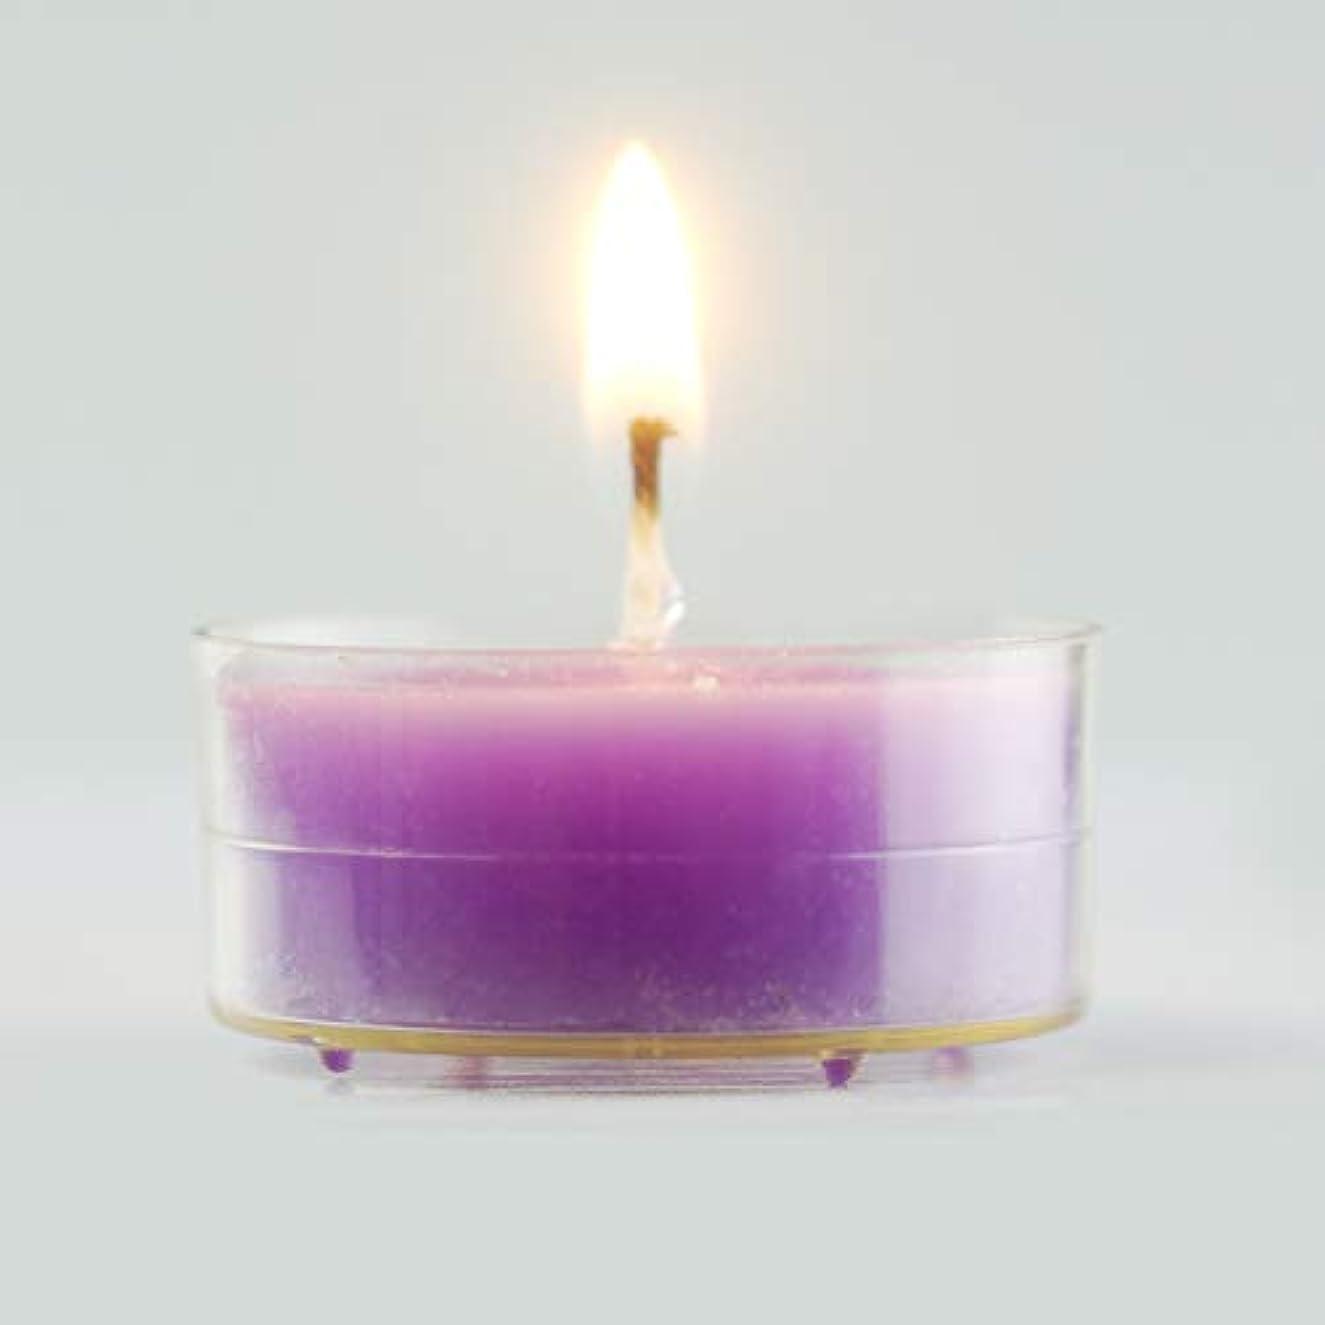 性格単に責める環境に優しいキャンドル きれいな無煙大豆ワックス色味茶ワックス48ピース4時間燃える時間白いキャンドルライト用家の装飾、クリスマス休暇、結婚披露宴の装飾 実用的な無煙キャンドル (Color : Purple)